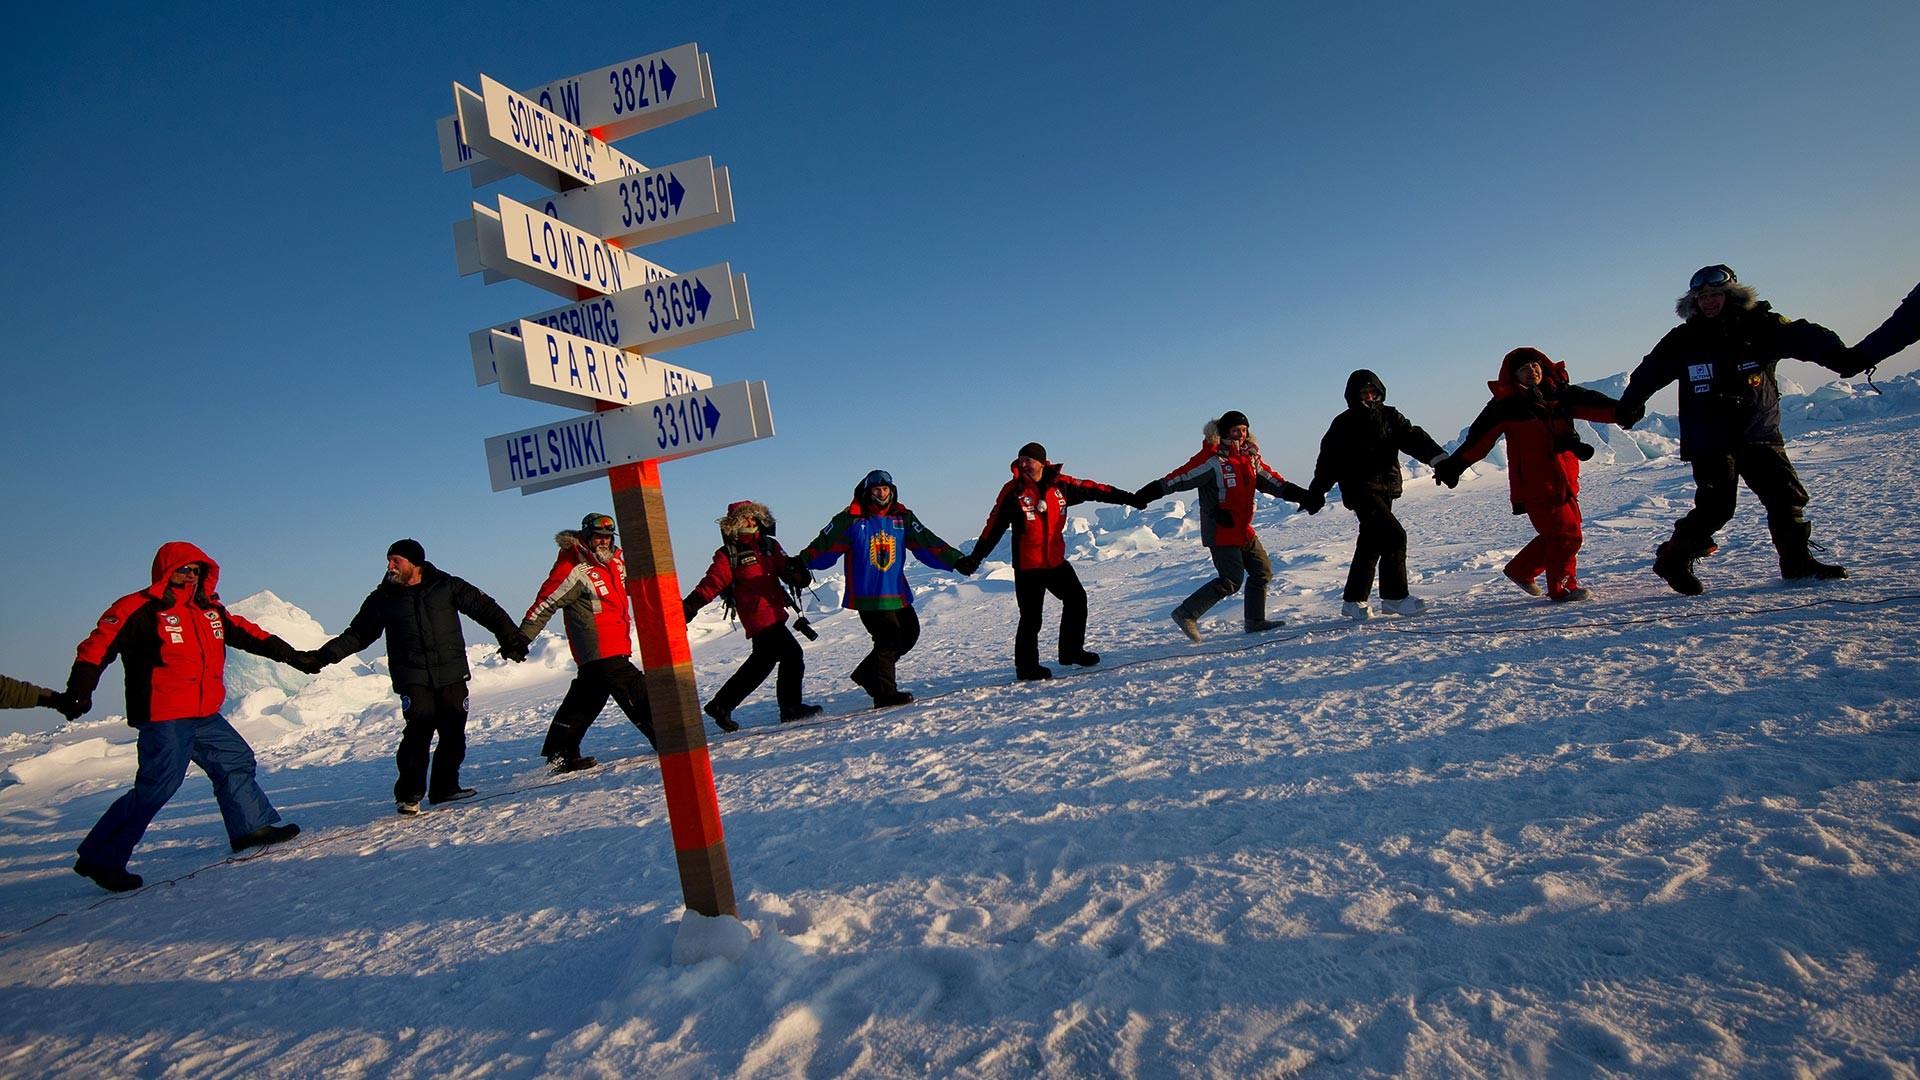 Les participants de l'expédition Carélie – Pôle Nord – Groenland dansant autour du poteau symbolique désignant le Pôle Nord.